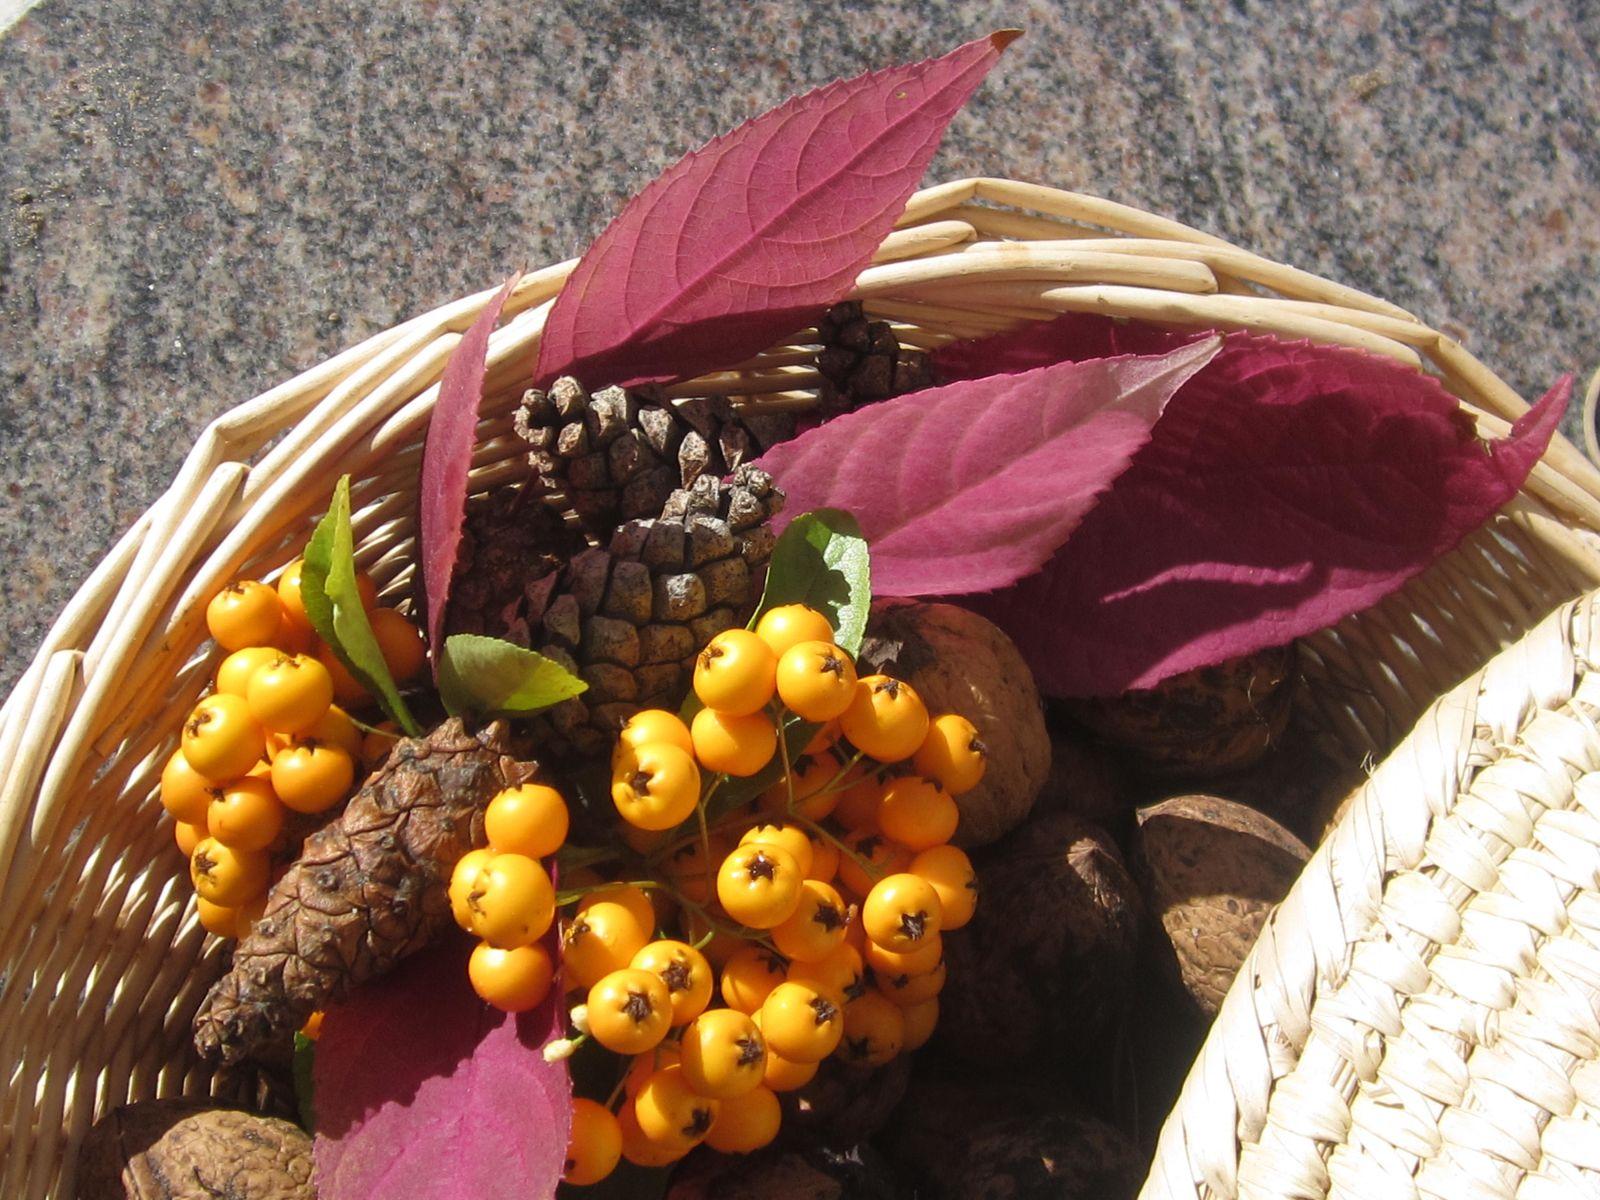 Noix , noisettes et fruits feront notre régal et celui des oiseaux.